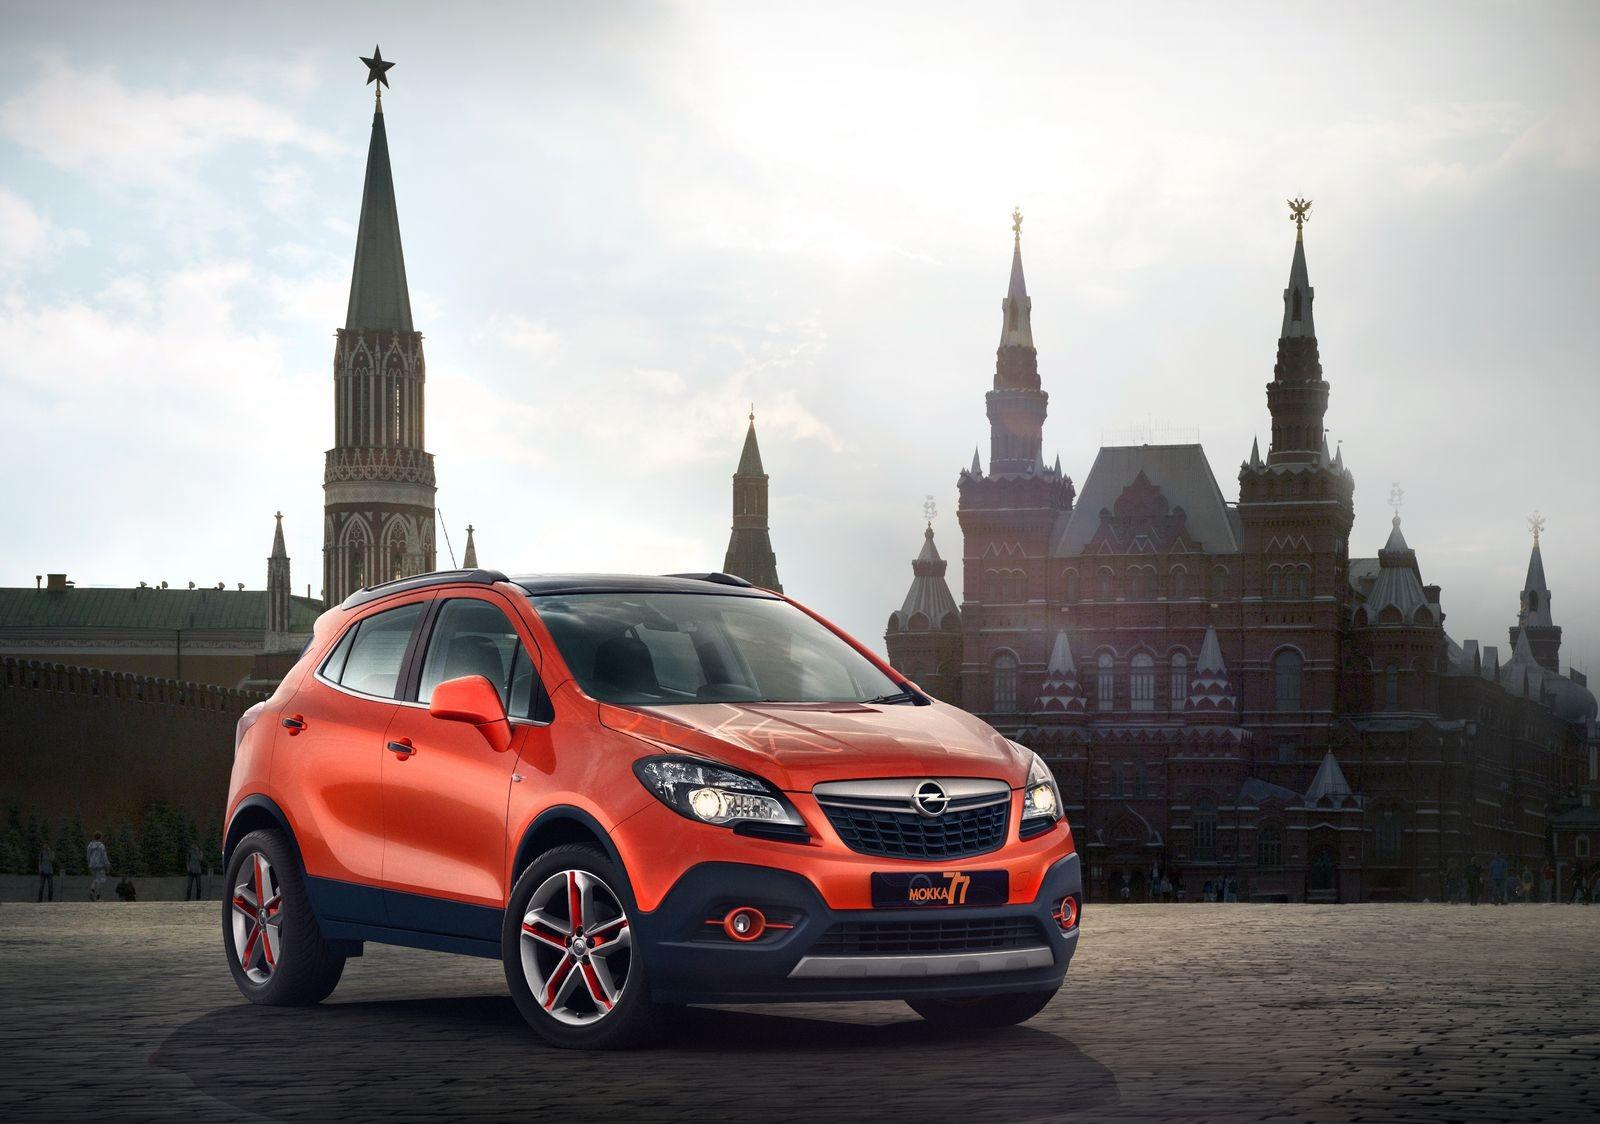 Главное, чтобы ничего не текло: стоит ли покупать Opel Mokka за 800 тысяч рублей